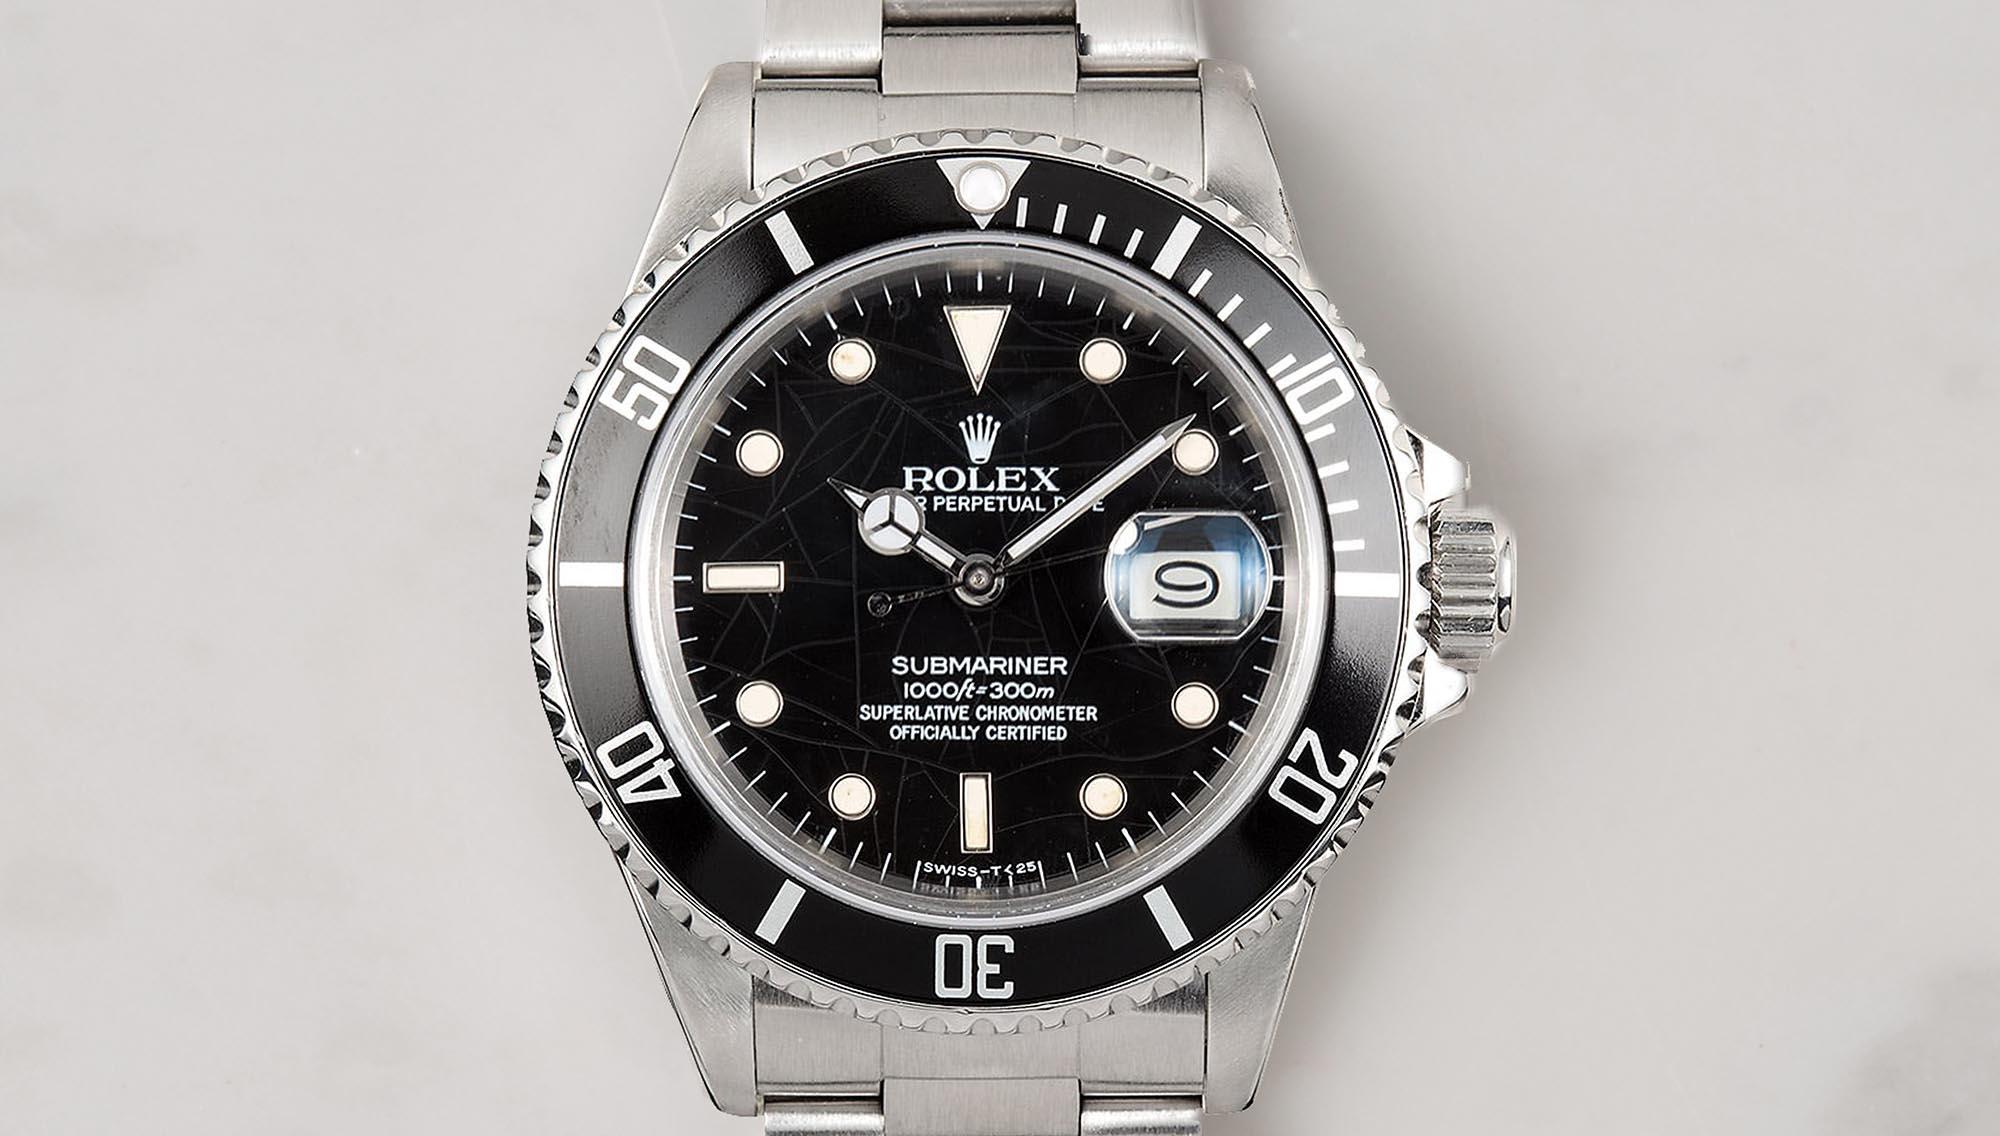 Rolex Submariner 5513 Timeline